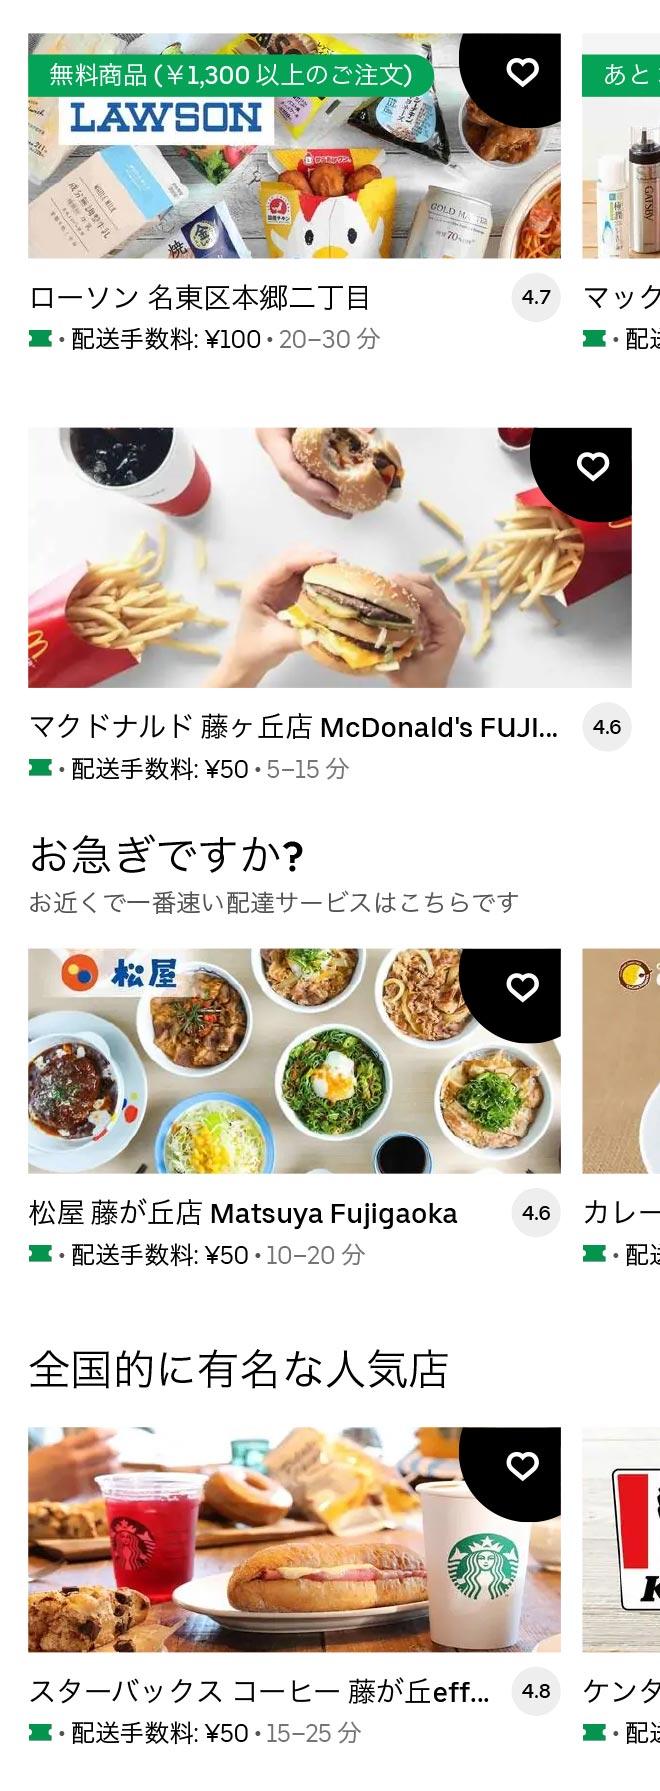 U fujigaoka 2105 01